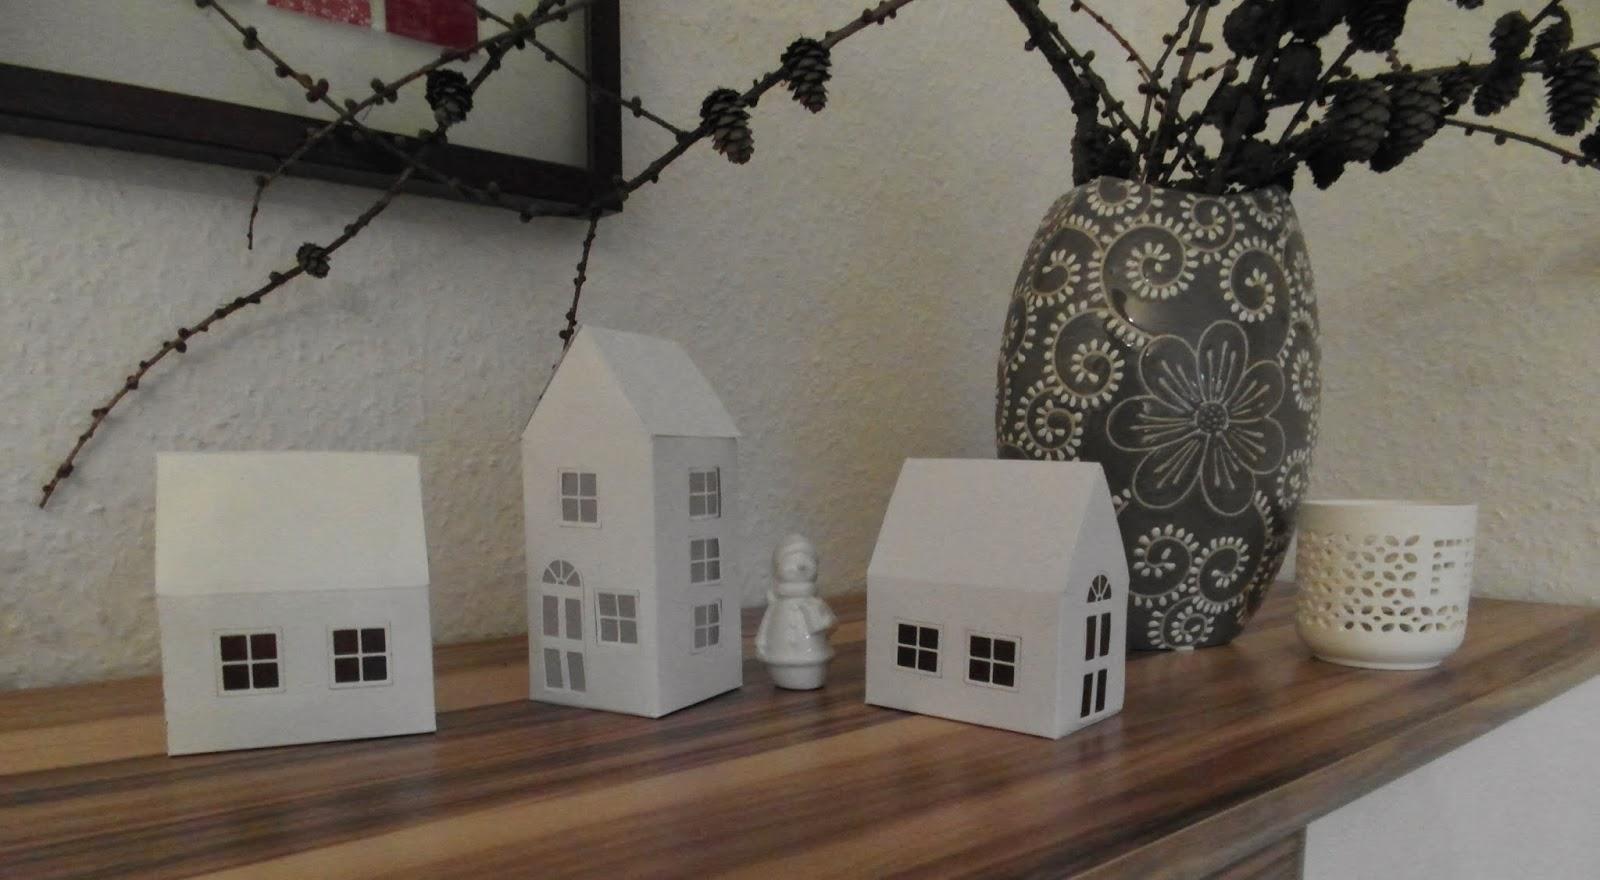 haus voller ideen weihnachtsdorf aus papier. Black Bedroom Furniture Sets. Home Design Ideas